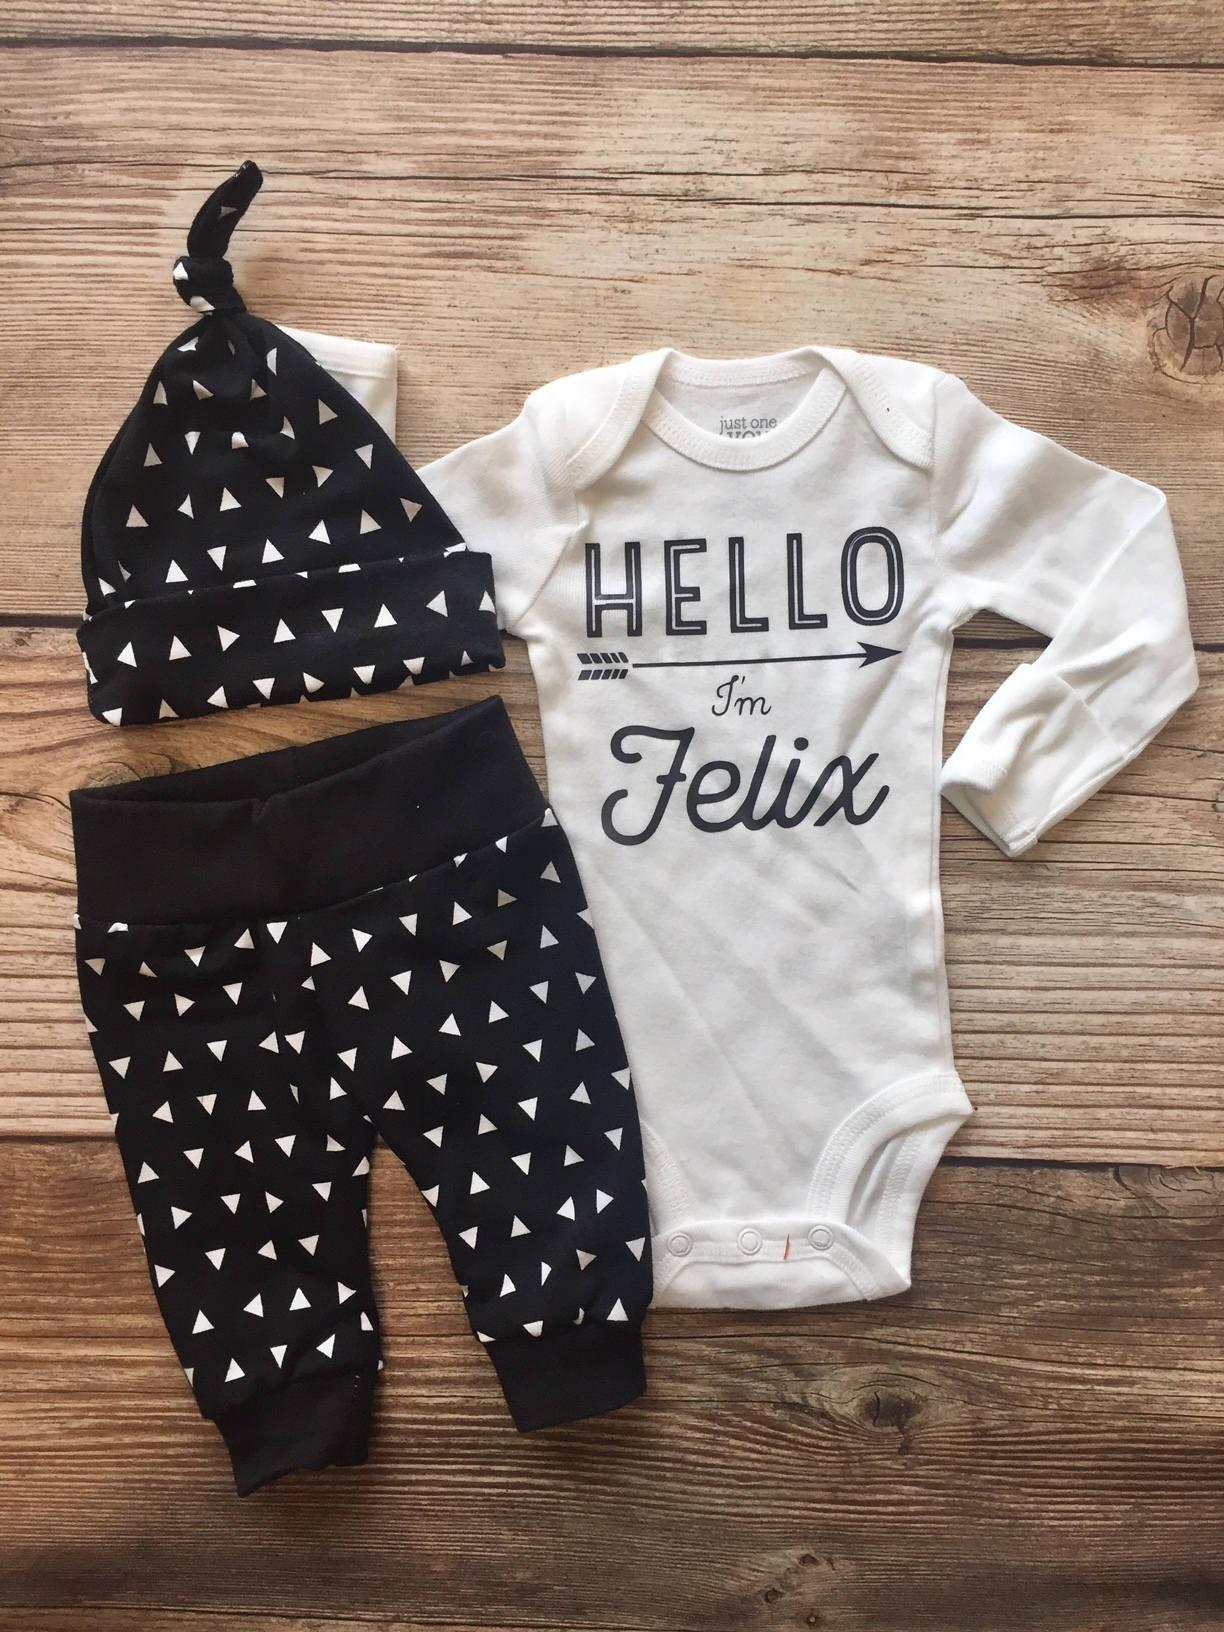 schwarz und wei dreieck neugeborenen jungen outfit nach hause etsy. Black Bedroom Furniture Sets. Home Design Ideas